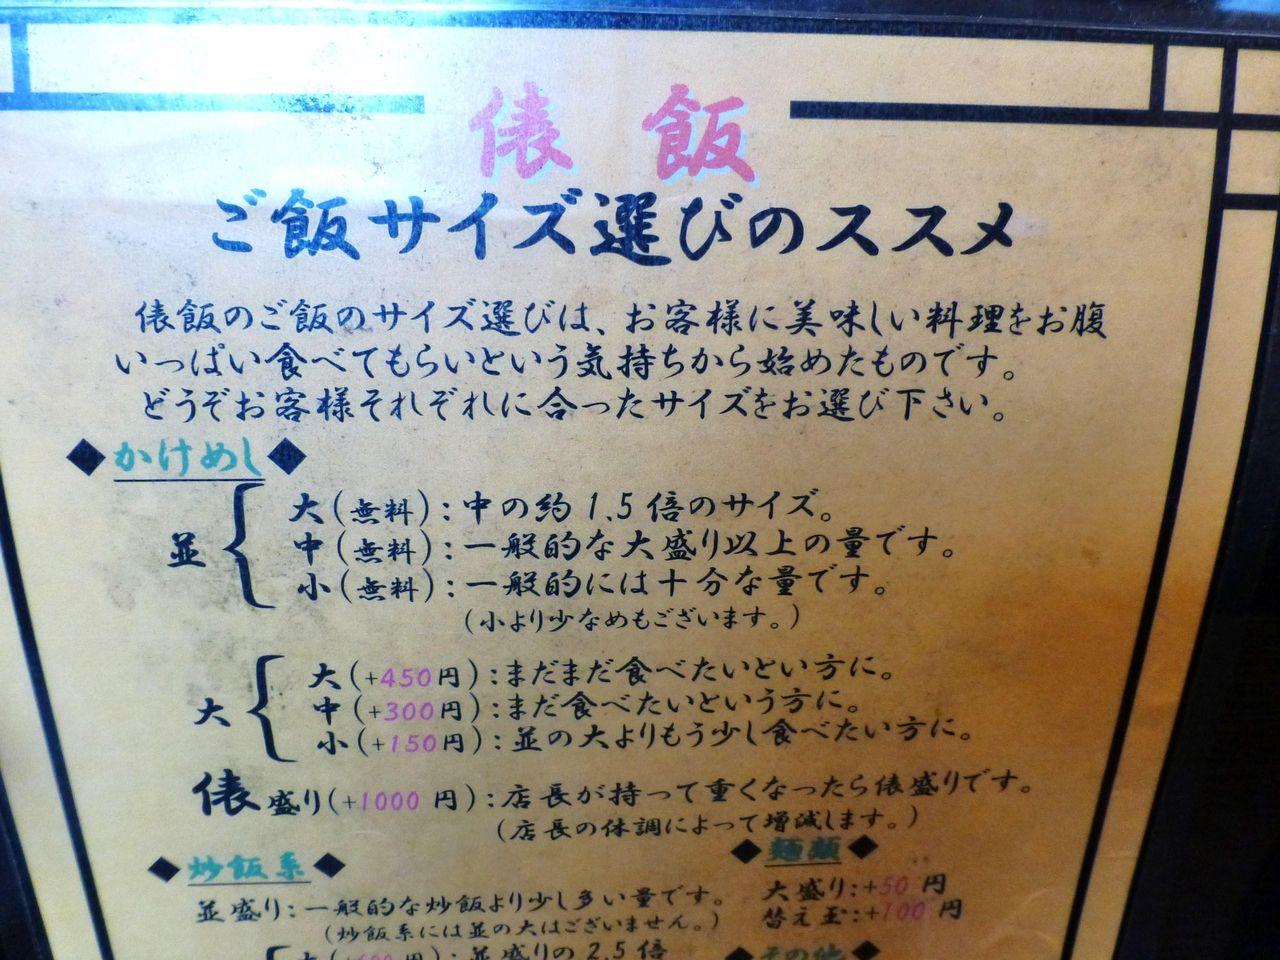 ご飯サイズ選びのススメ!(26年3月現在)